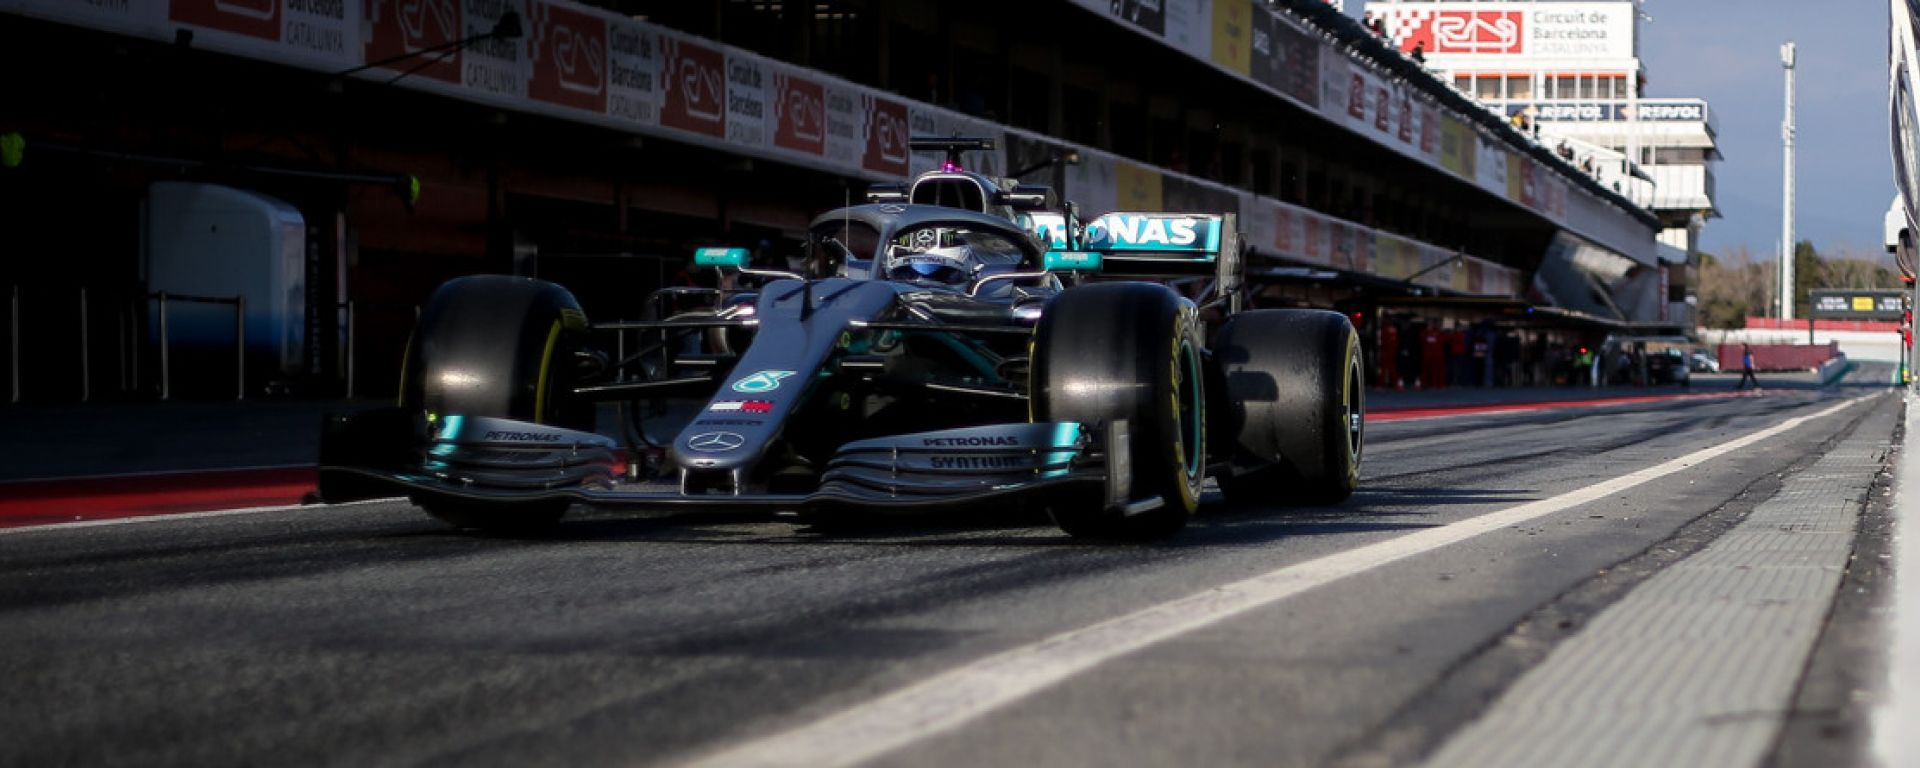 La Mercedes W10 durante i test F1 2019 di Barcellona